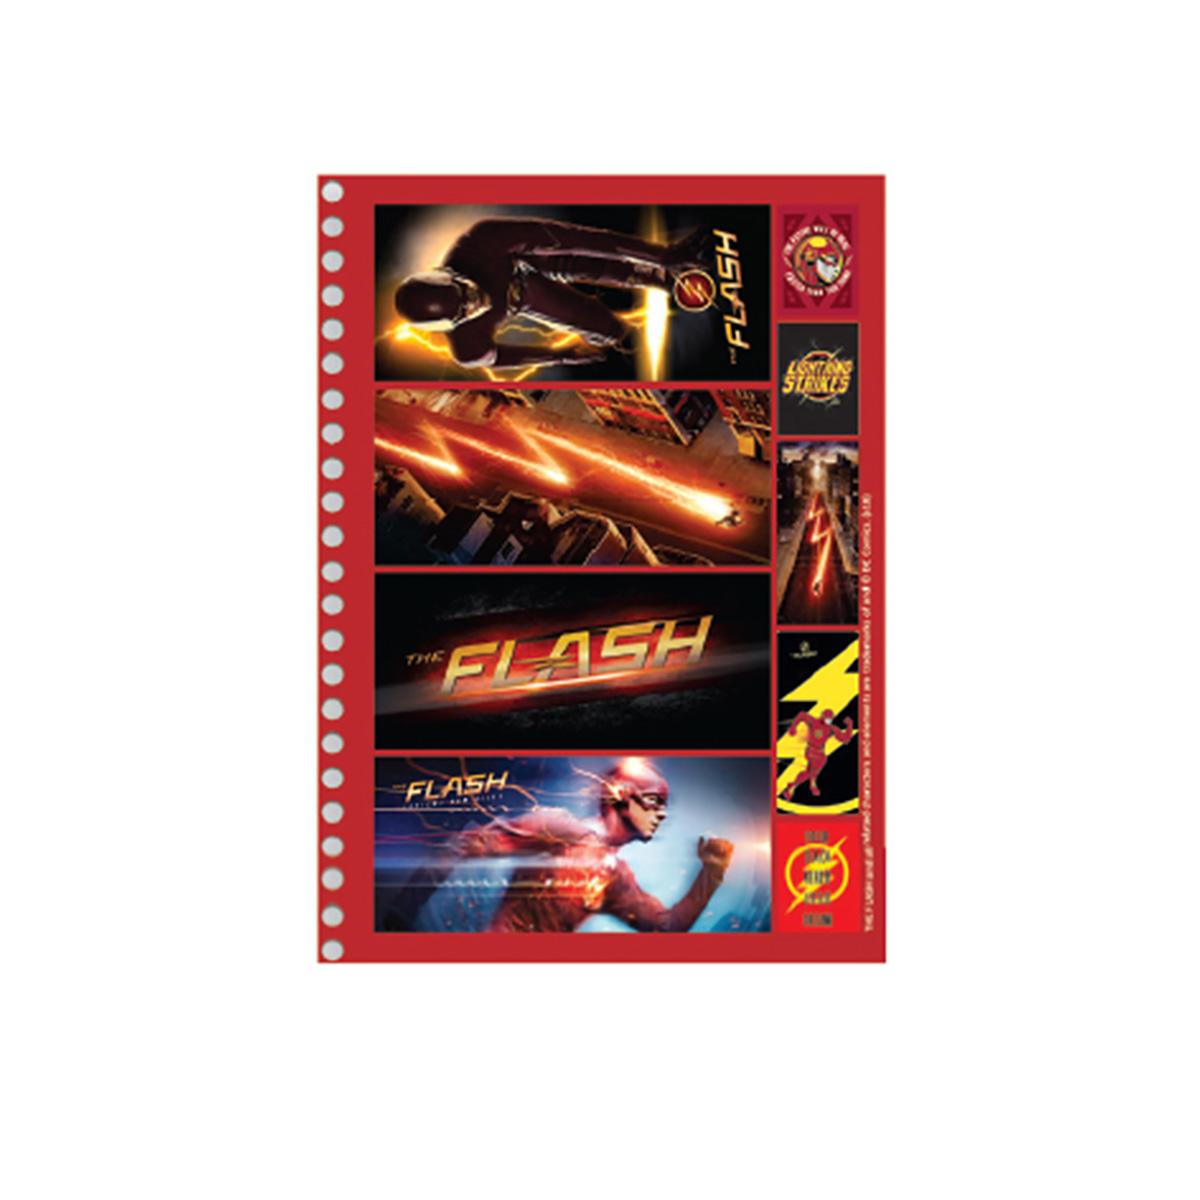 Caderno The Flash Serie Fire 1 Matéria